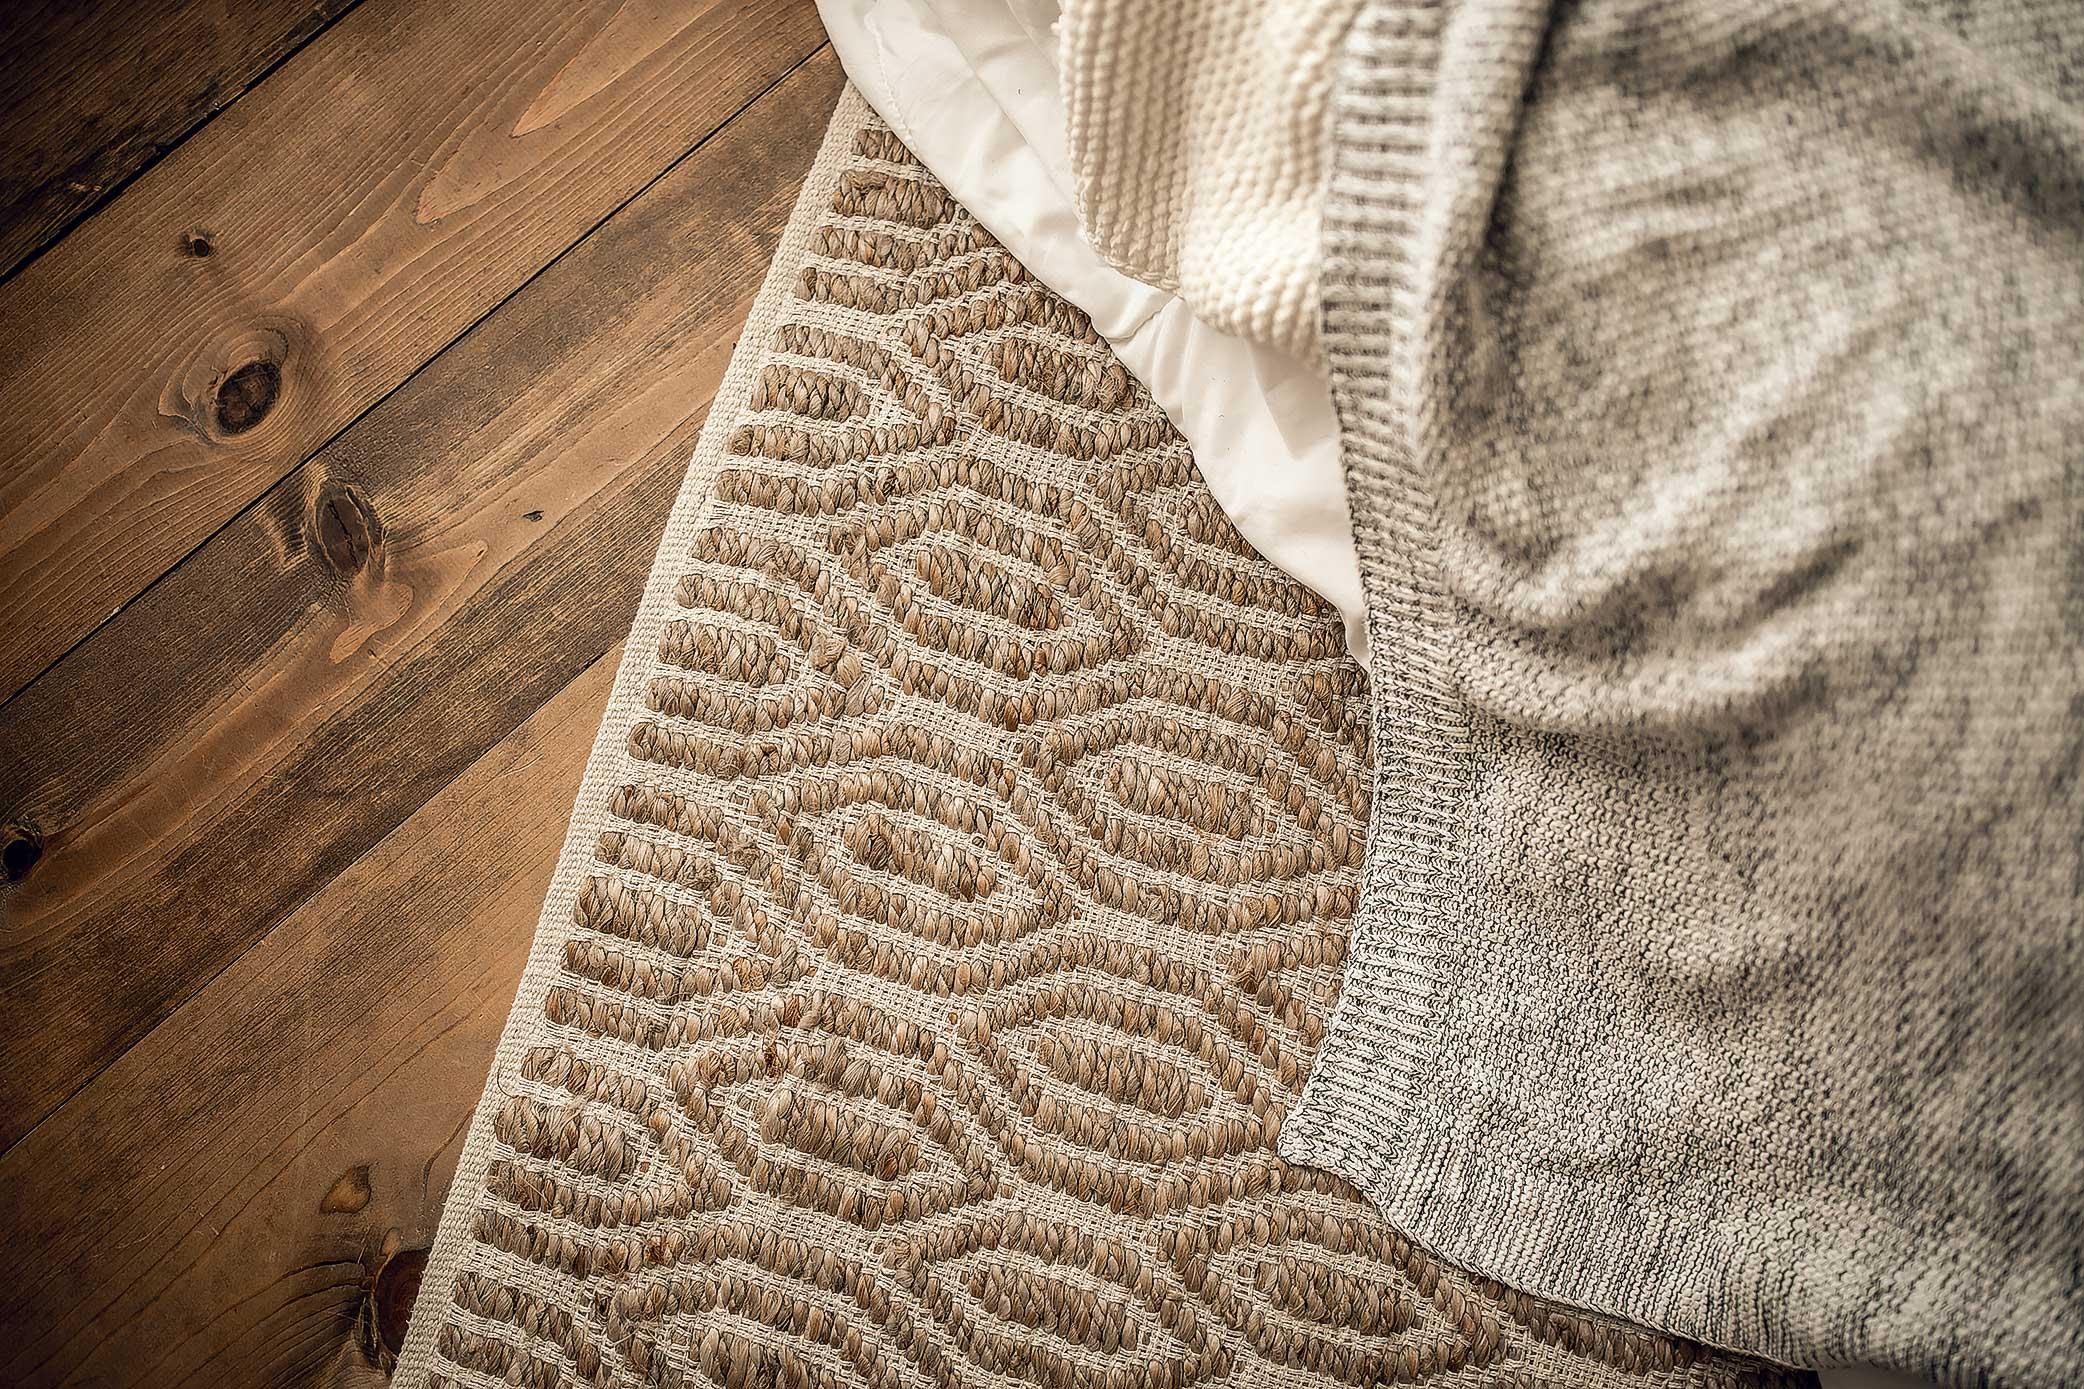 shelby-schiller-photography-lifestyle-studio-wooden-floor-jute-rug-woven-textured-blanket.jpg